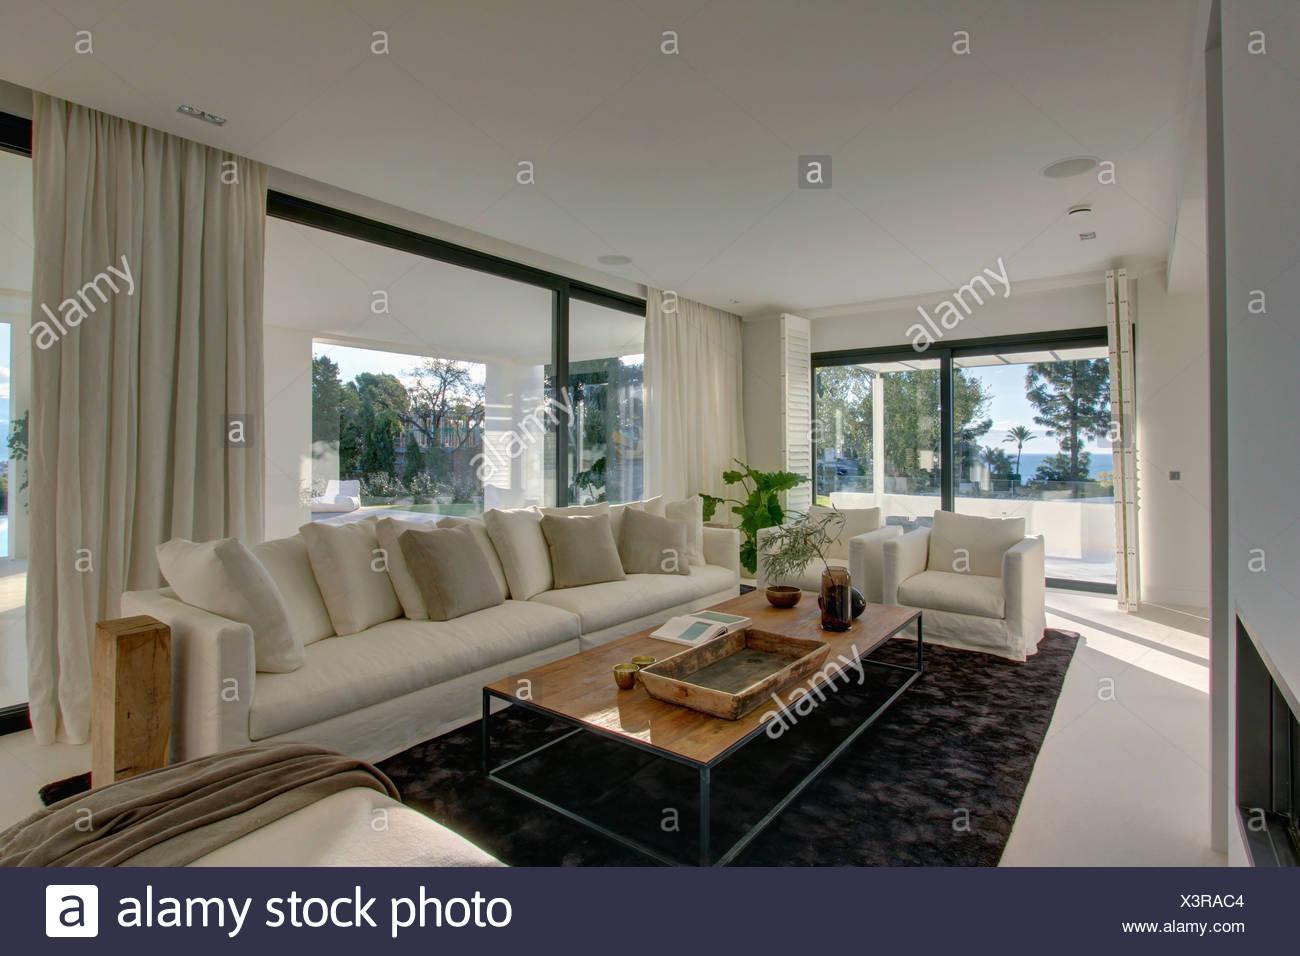 Grosse Weisse Sofa Mit Weissen Kissen Im Spanischen Wohnzimmer Mit Holz